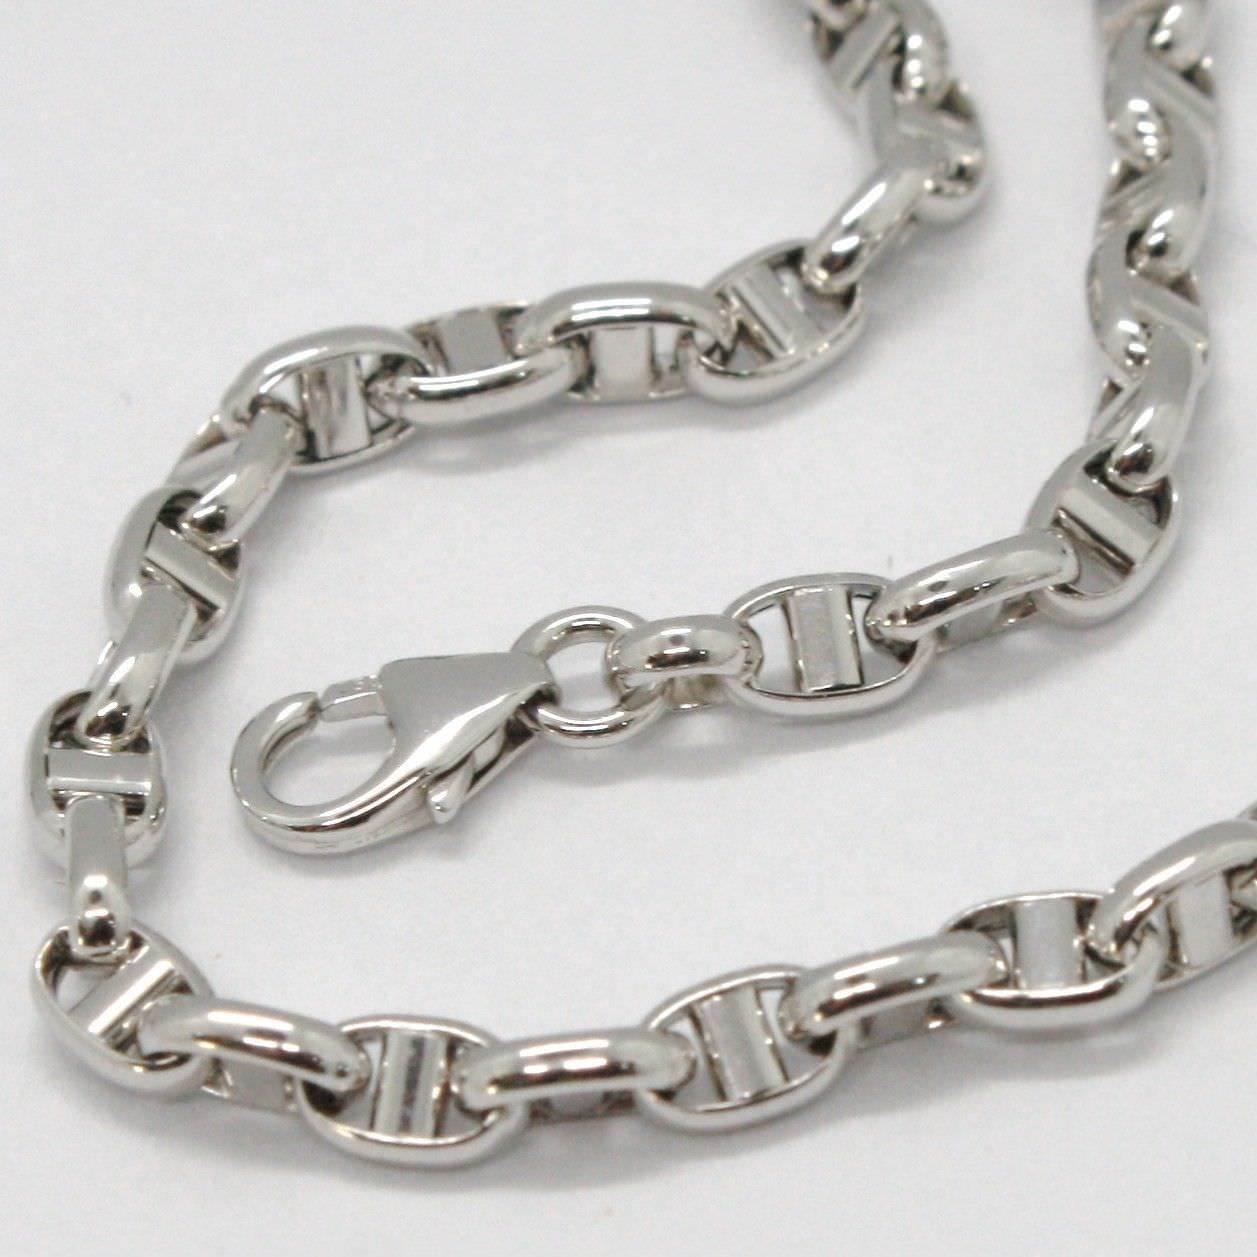 White Gold Bracelet 18k 750 Knitted Stud Made in Italy 19 cm long